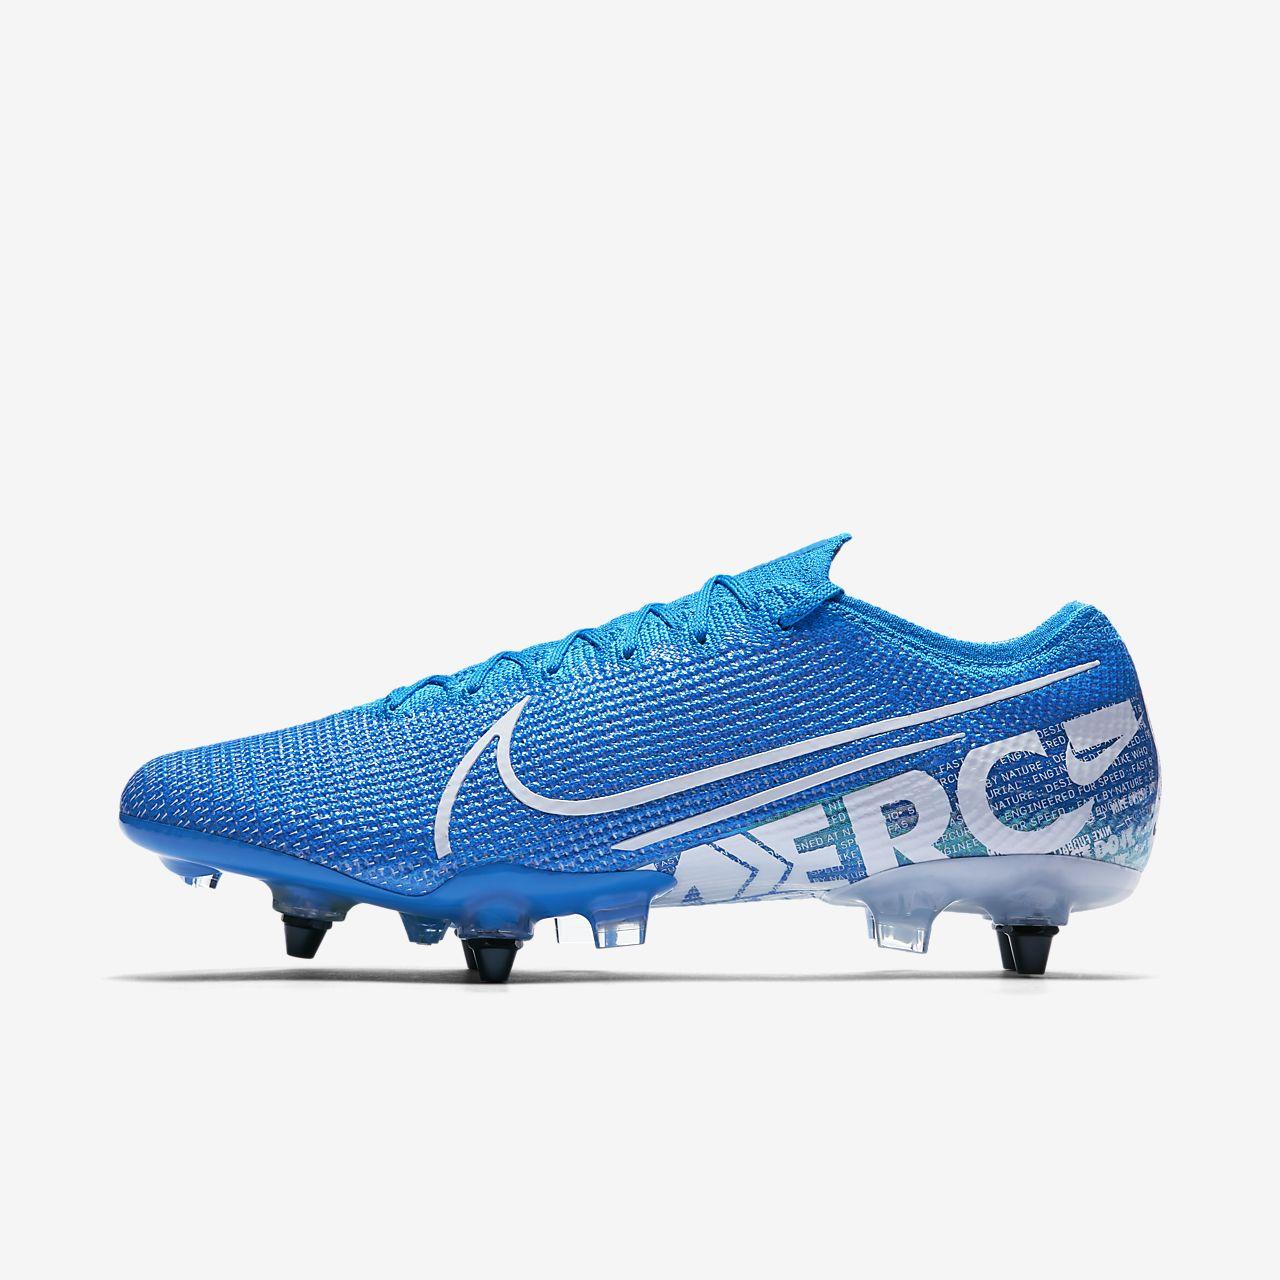 Zapatos de fútbol Nike Mercurial Vapor X SG Pro ACC